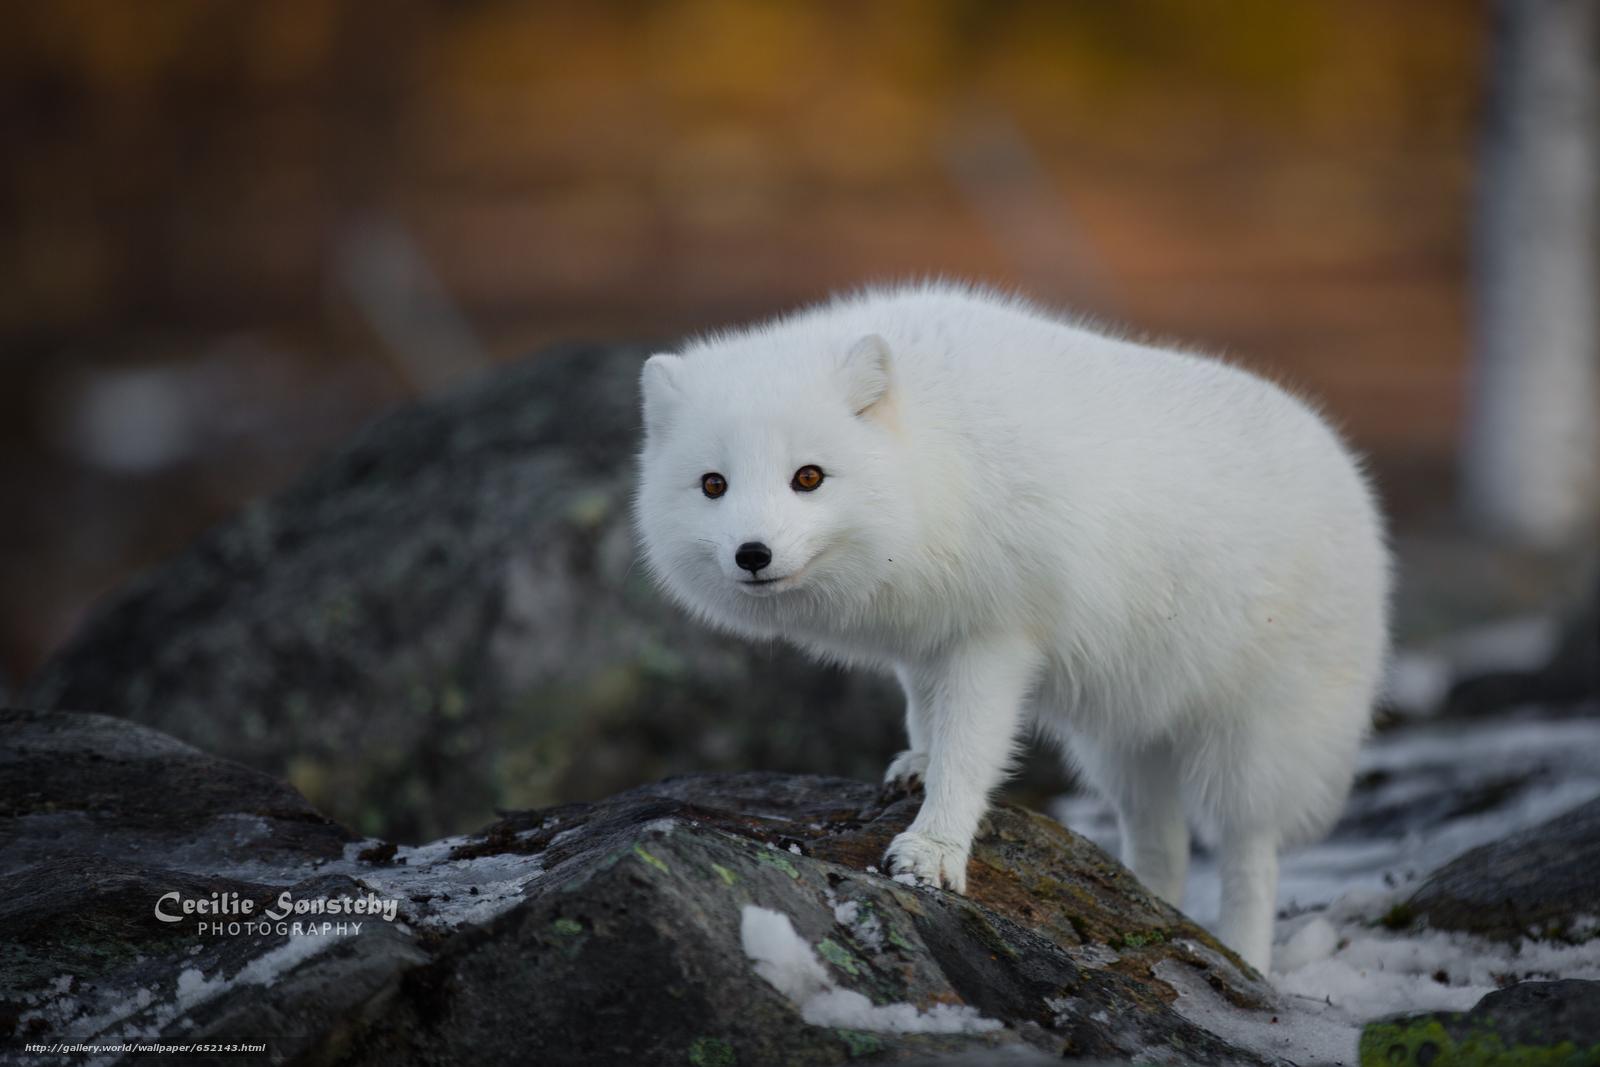 下载壁纸 白狐, 白, 狐狸, 北极狐 免费为您的桌面分辨率的壁纸 4386x